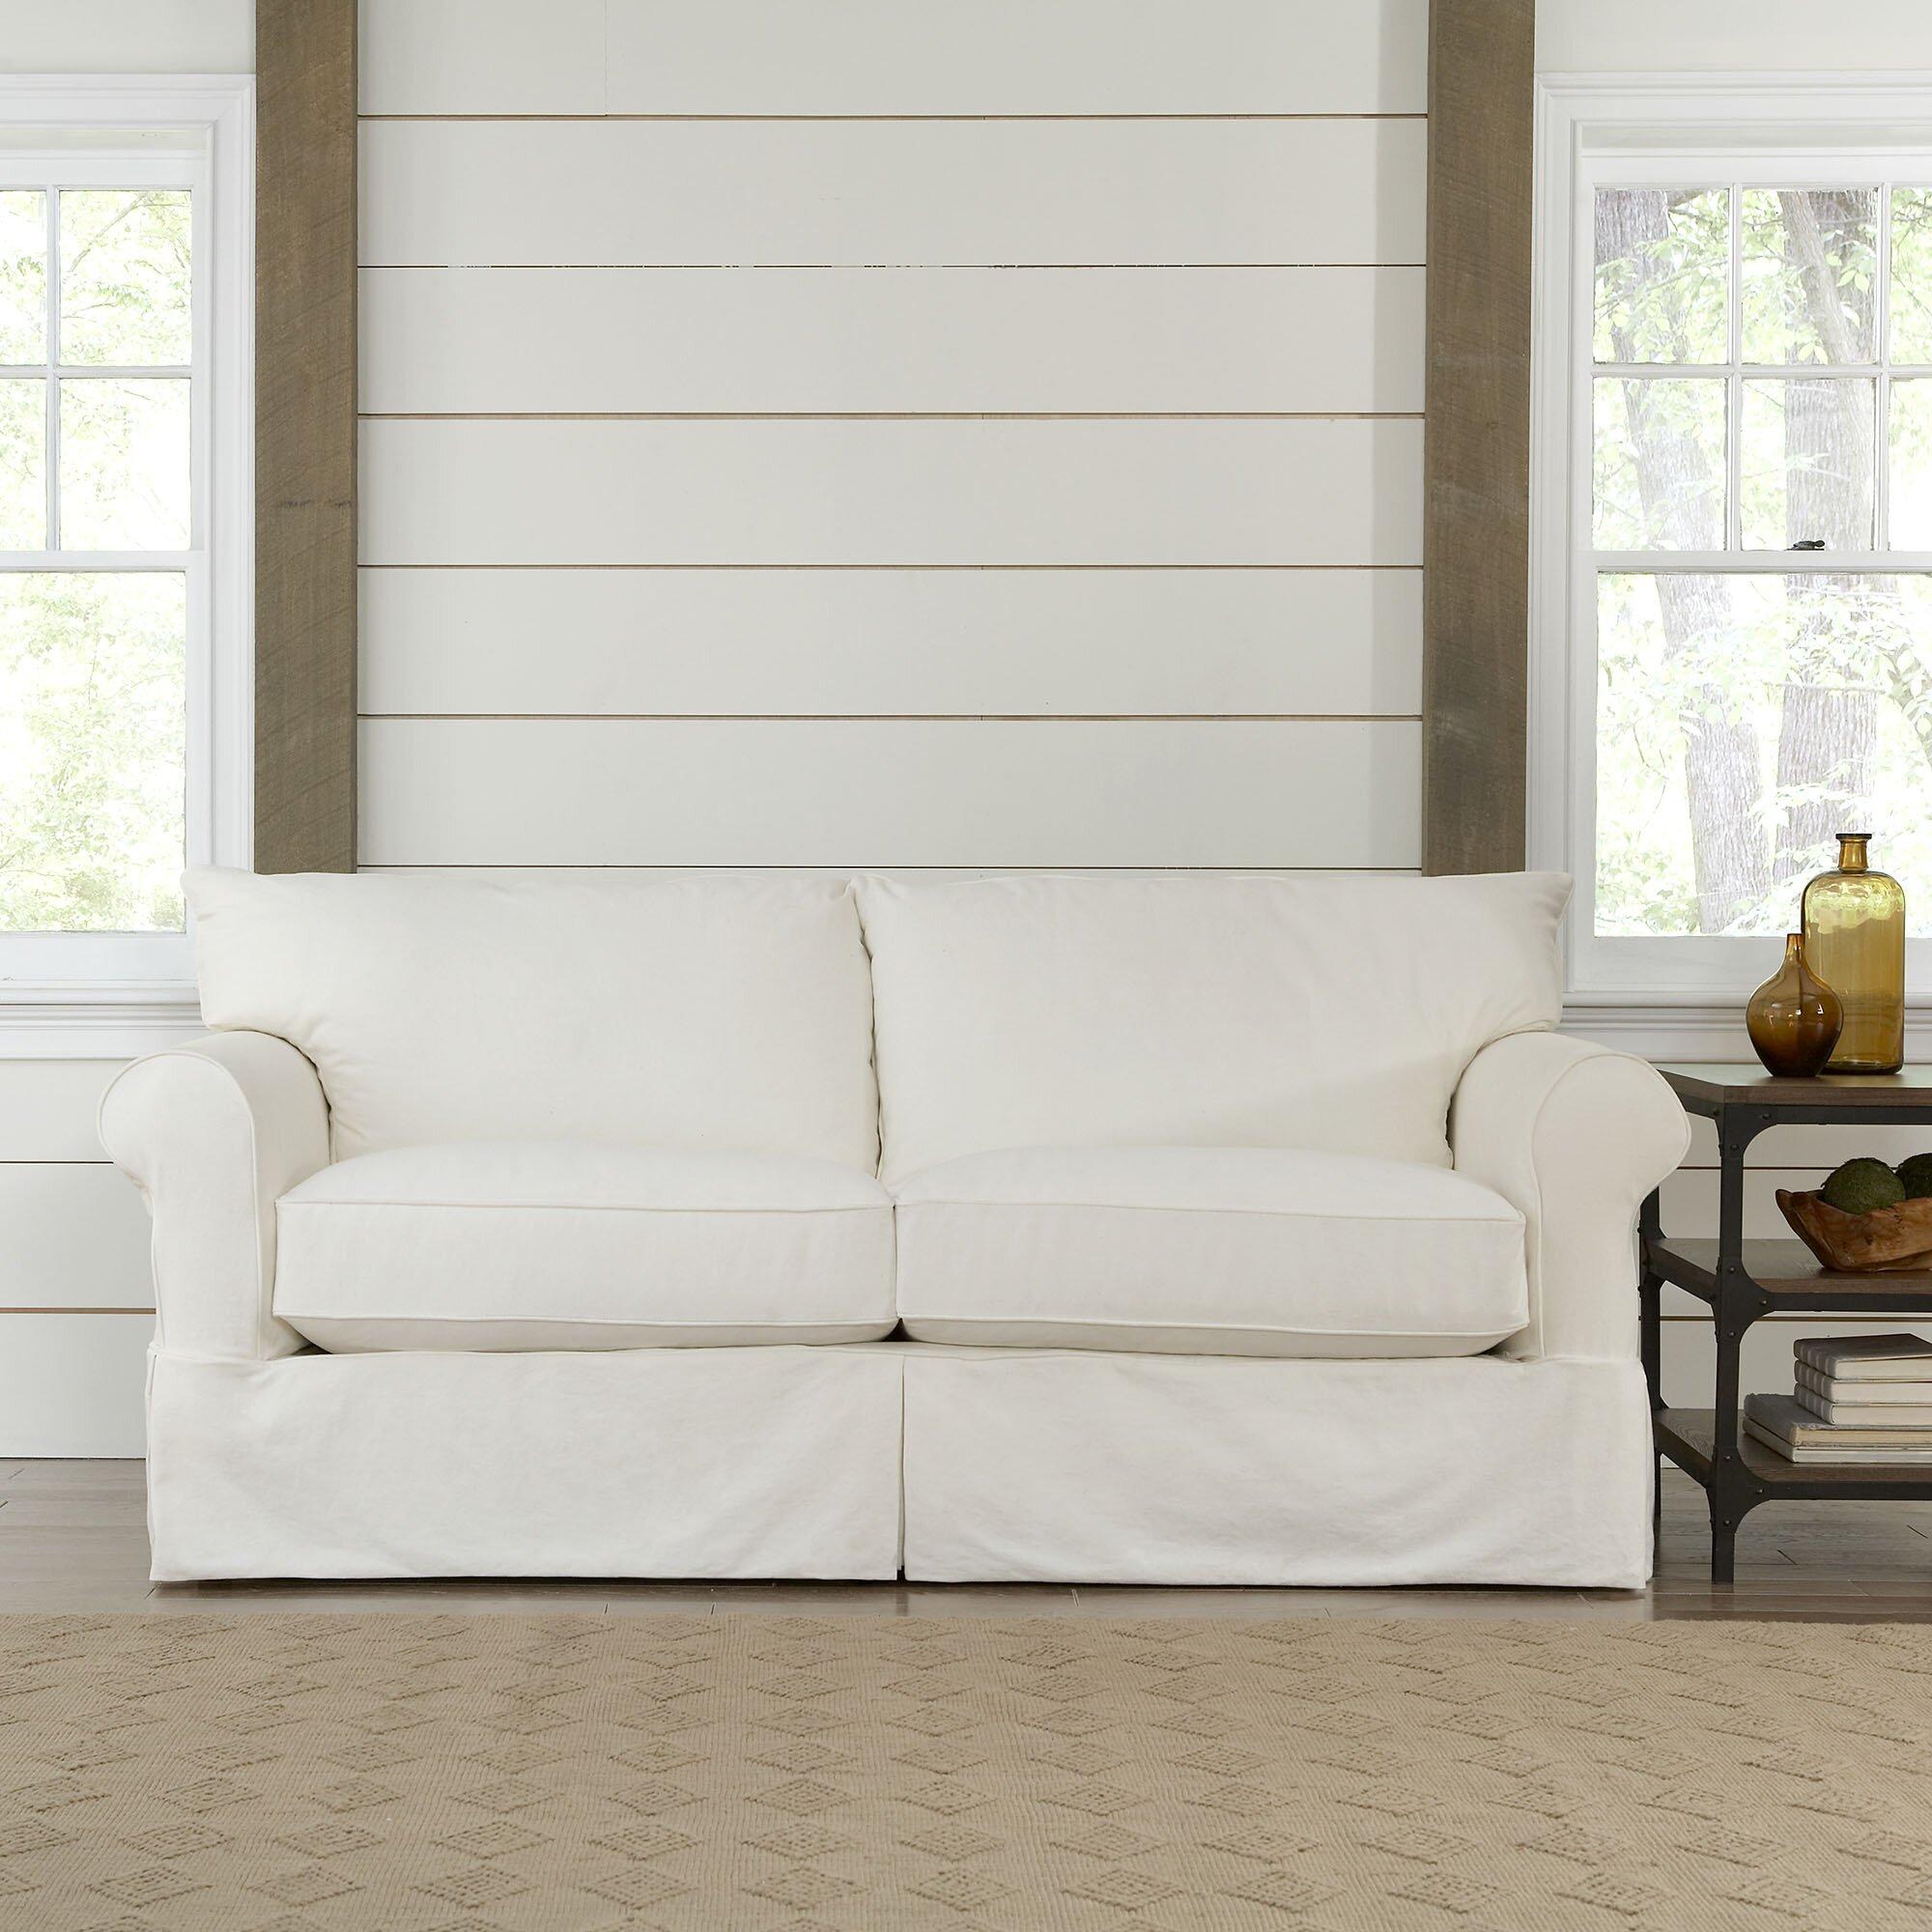 Favorite Slipcovered Sofas for under $1500 Seeking Lavendar Lane